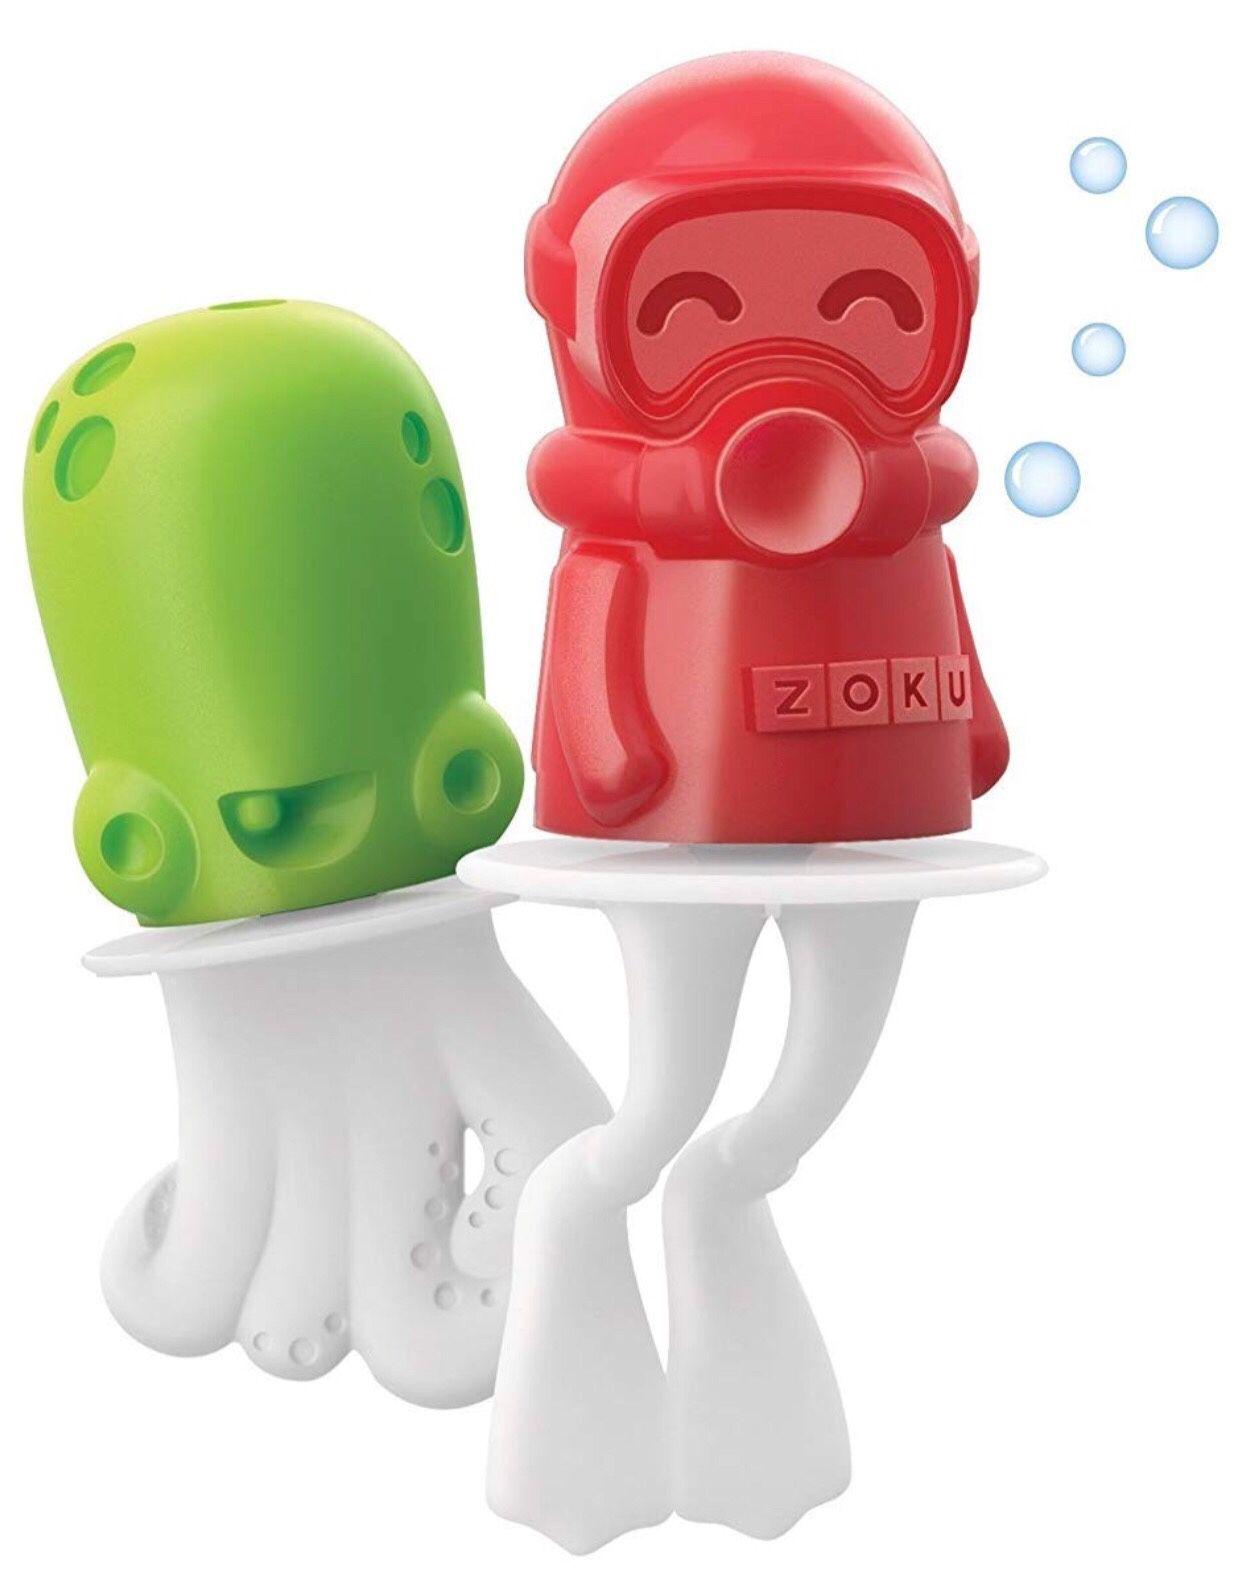 Zoku Ice Pop Molds - BPA Free